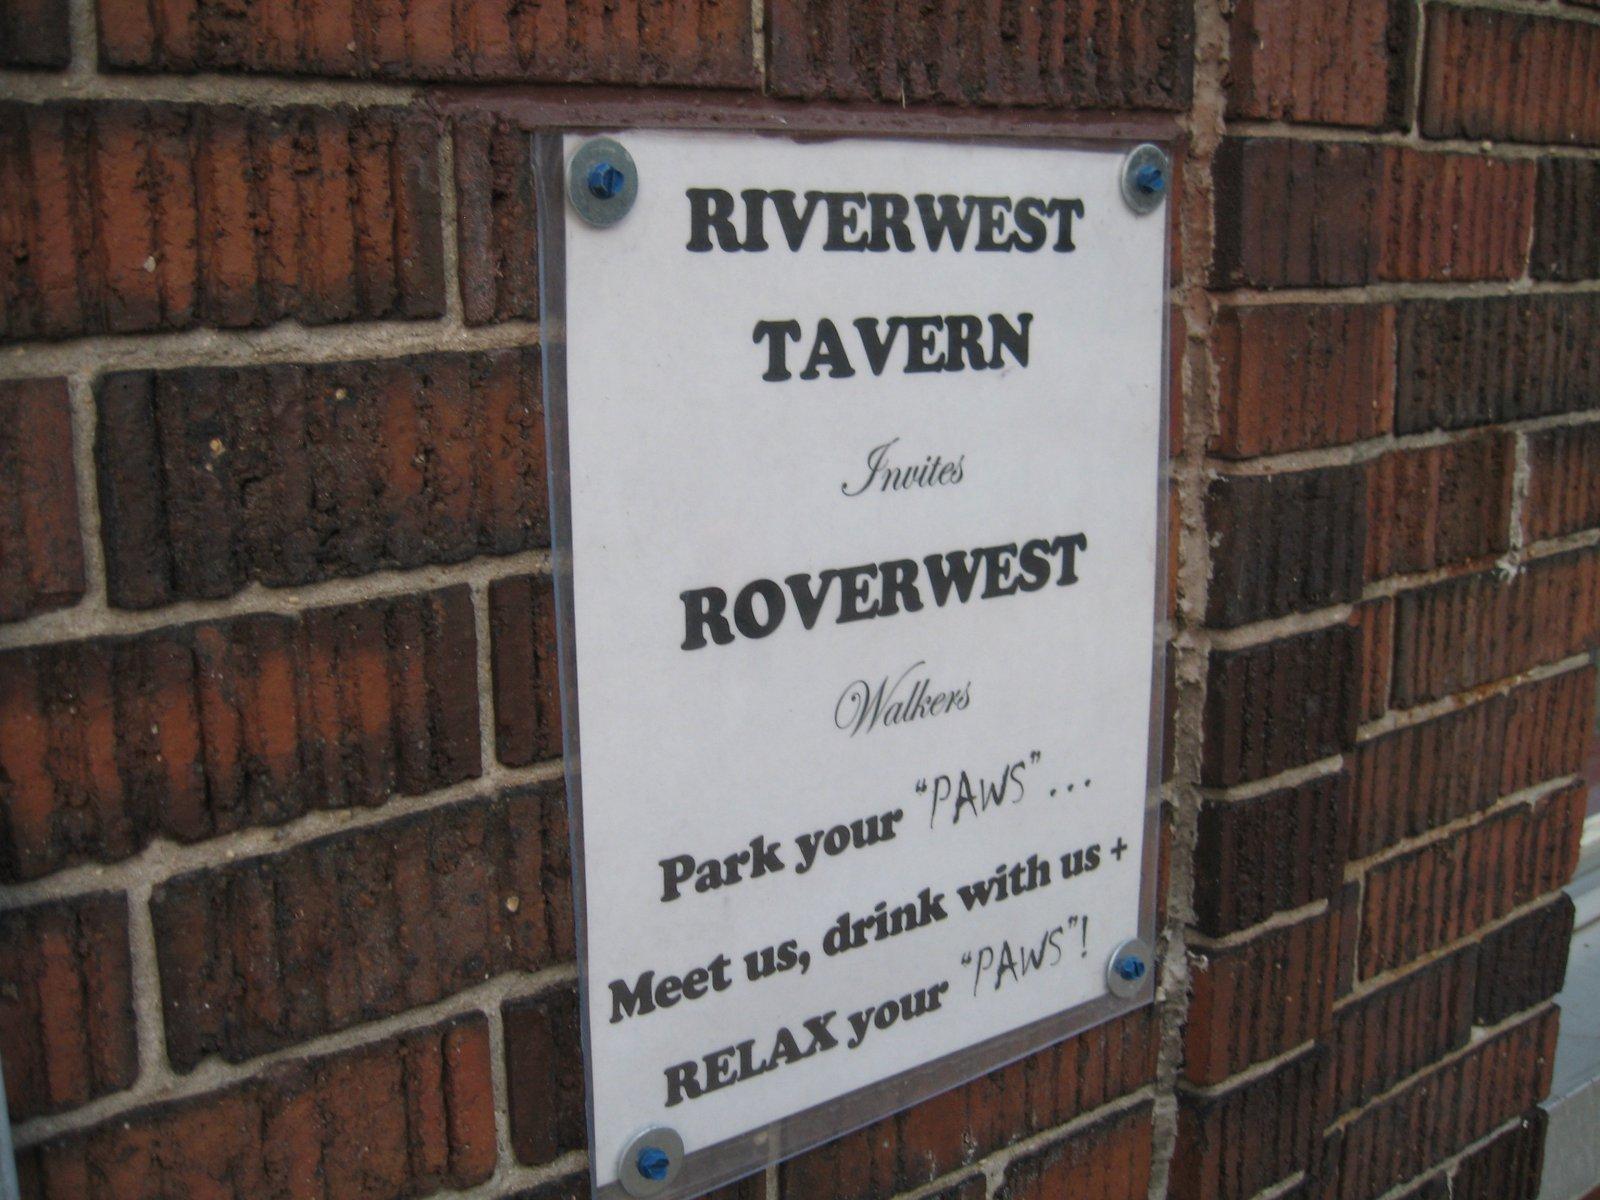 Riverwest Tavern